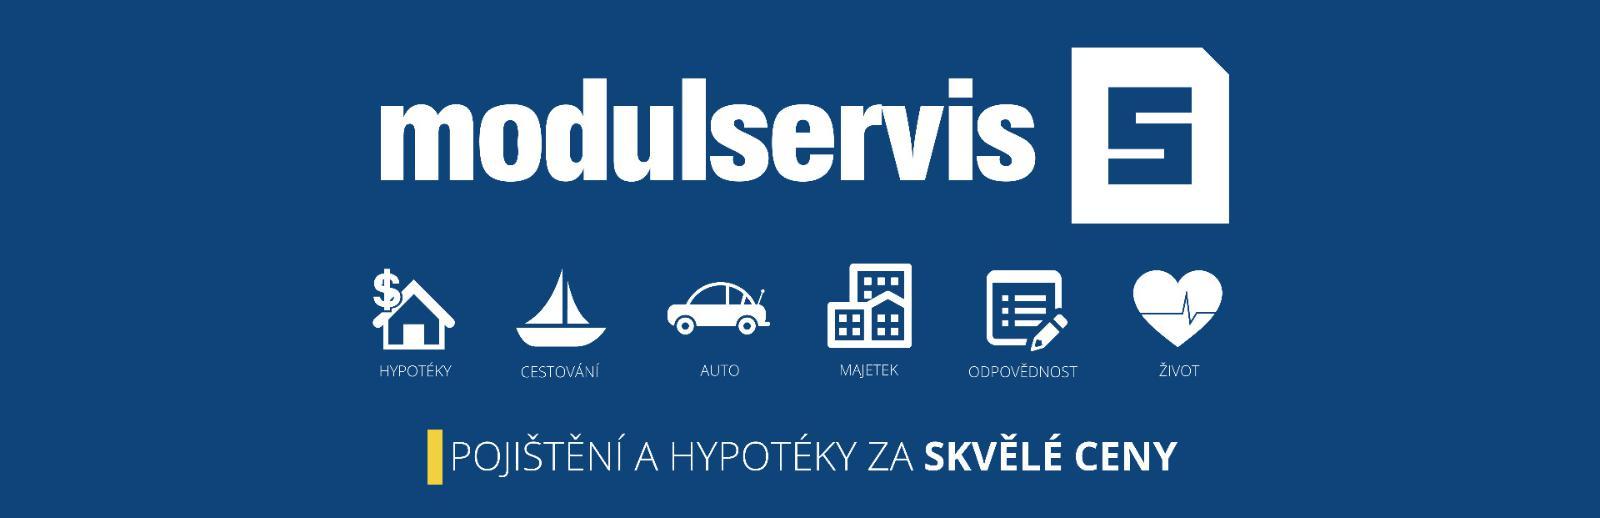 Modul Servis, Plzeň